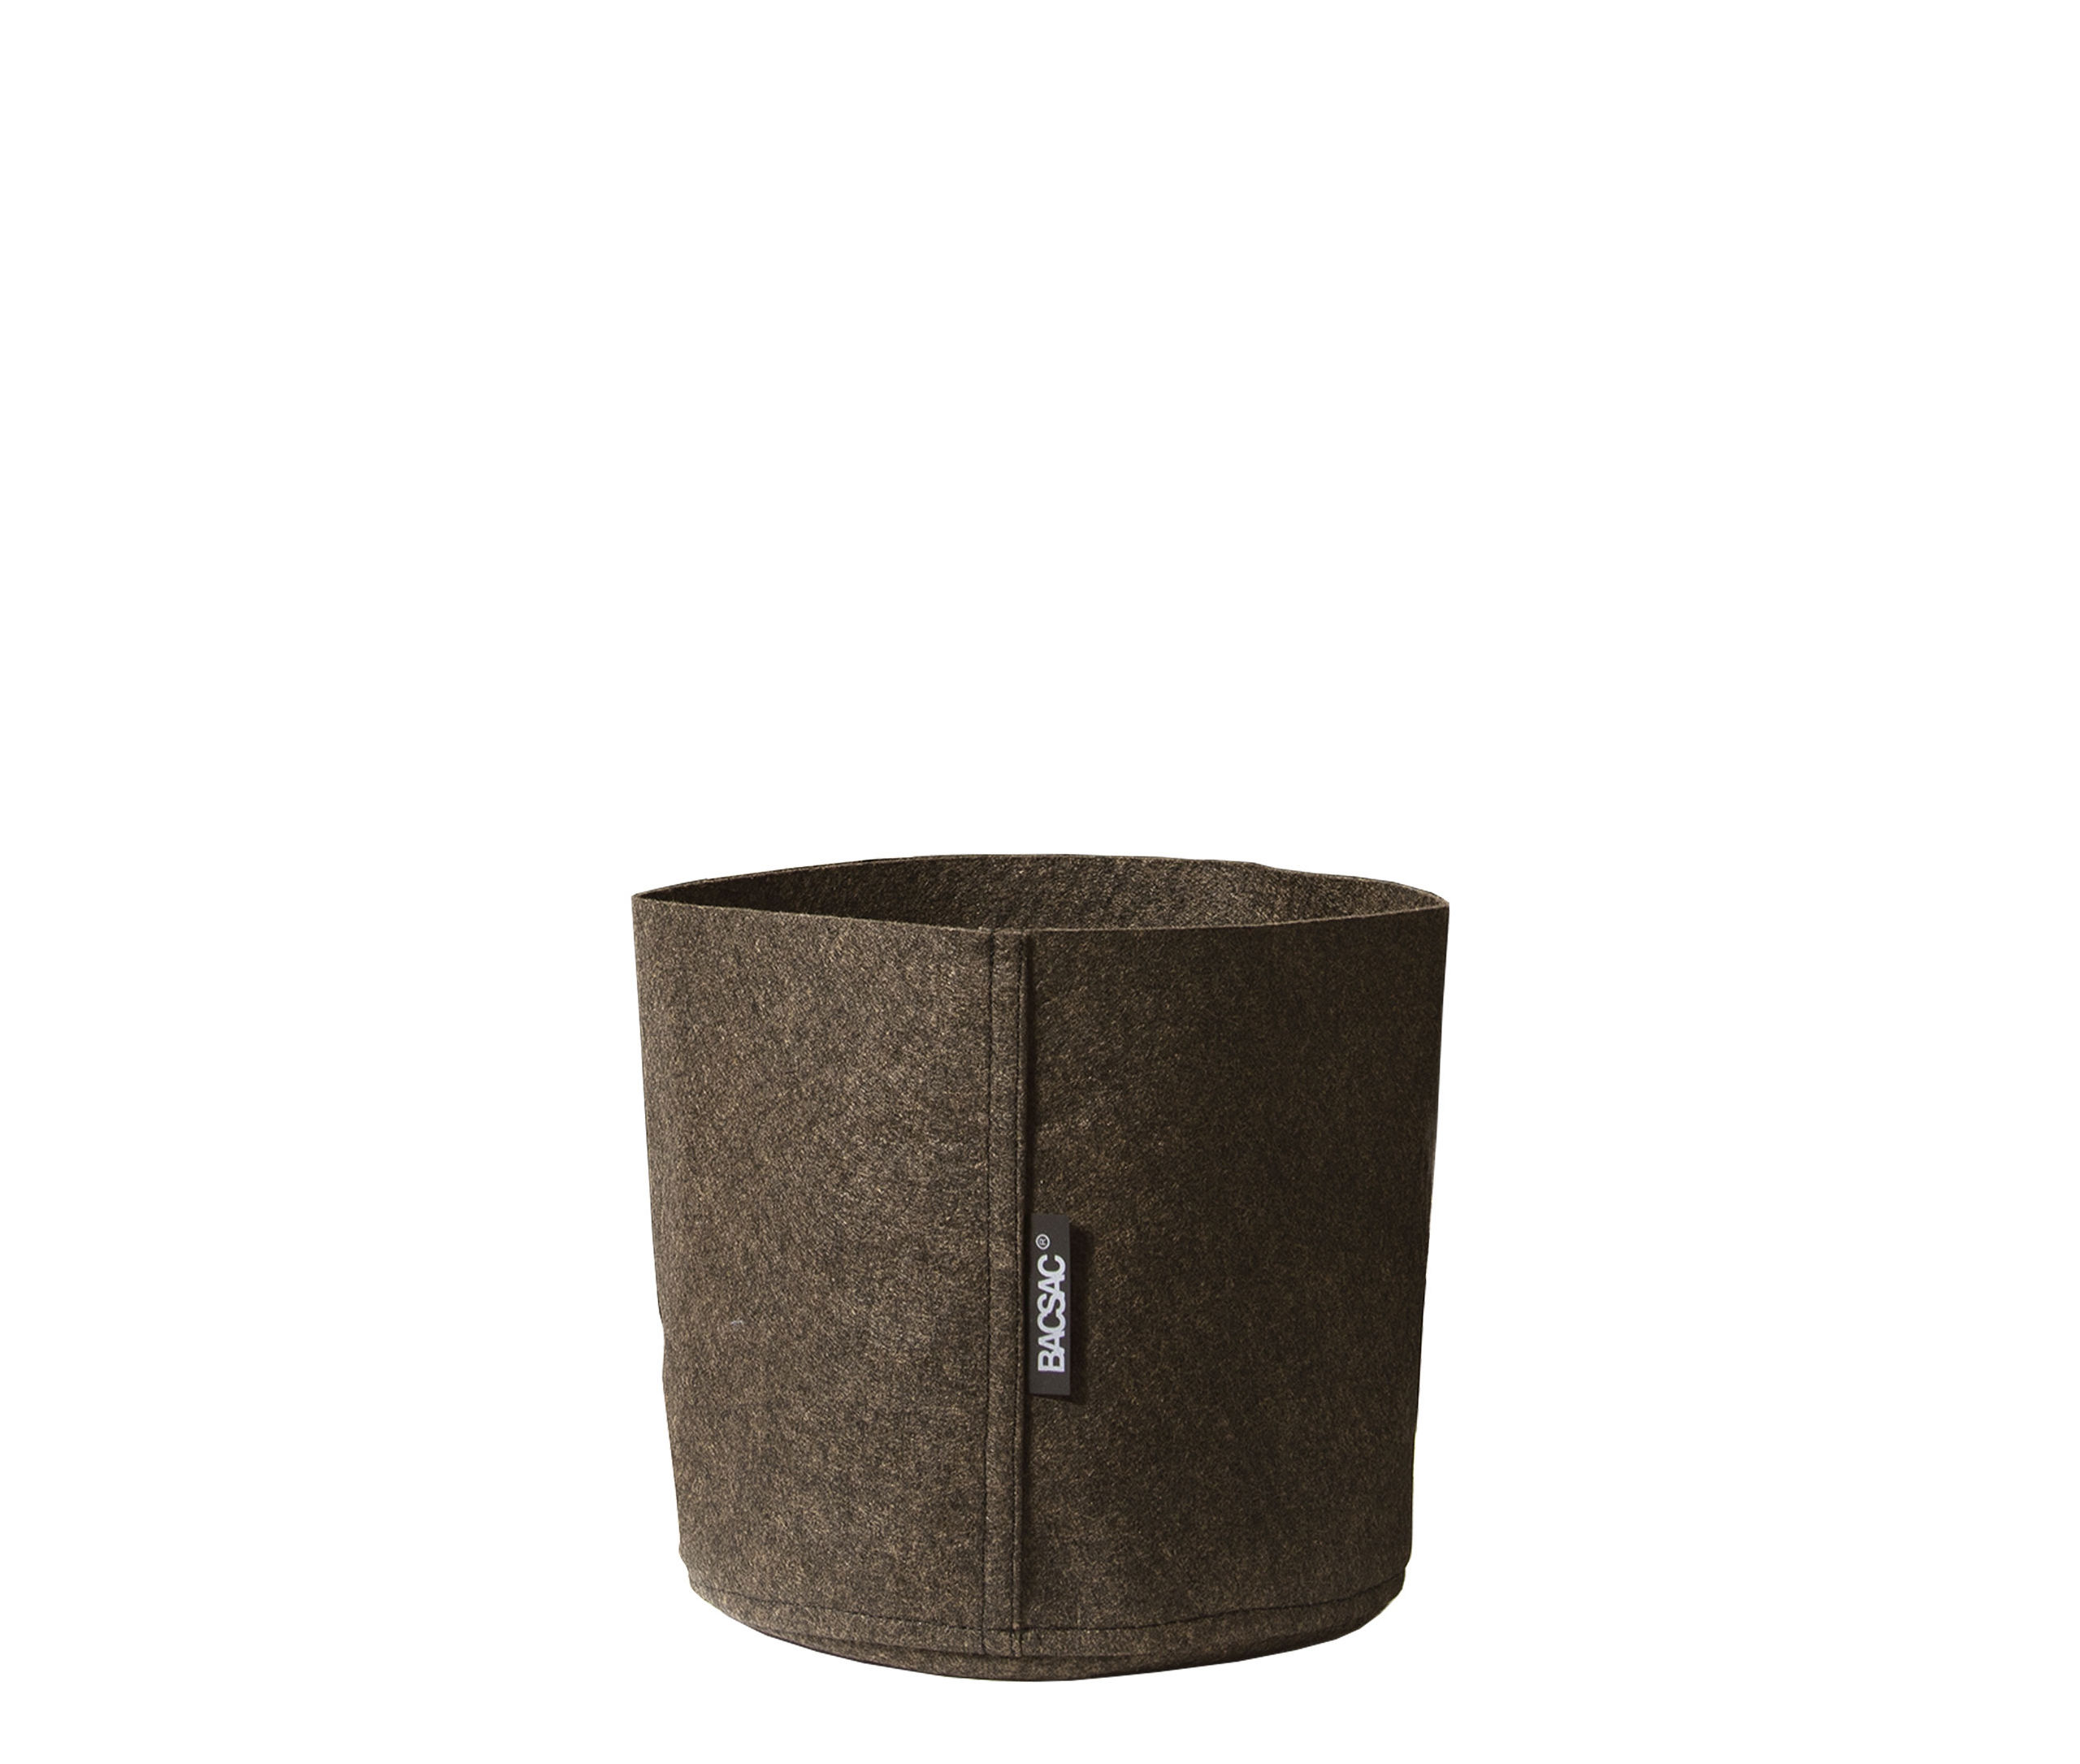 Jardin - Pots et plantes - Pot de fleurs Humus Feutre / Outdoor - 3 L - Bacsac - 3 L / Marron - Feutre géotextile